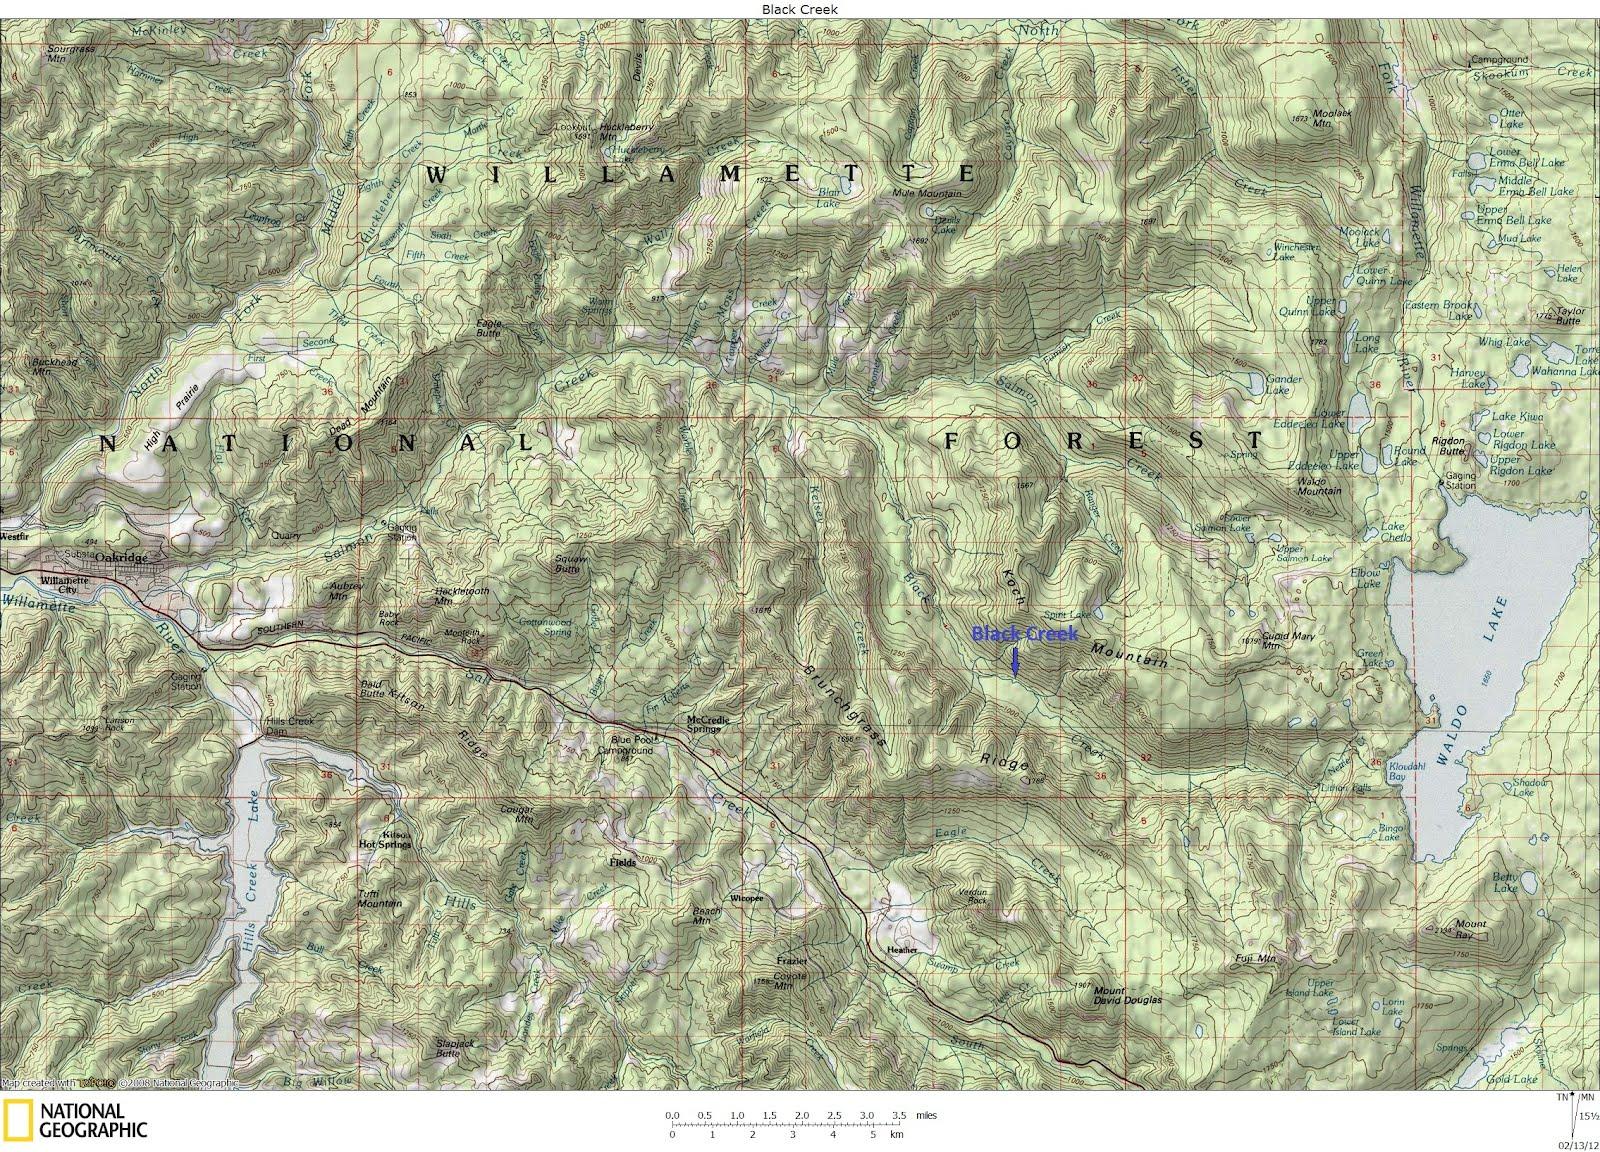 Wheels  Water Black Creek OR 21212